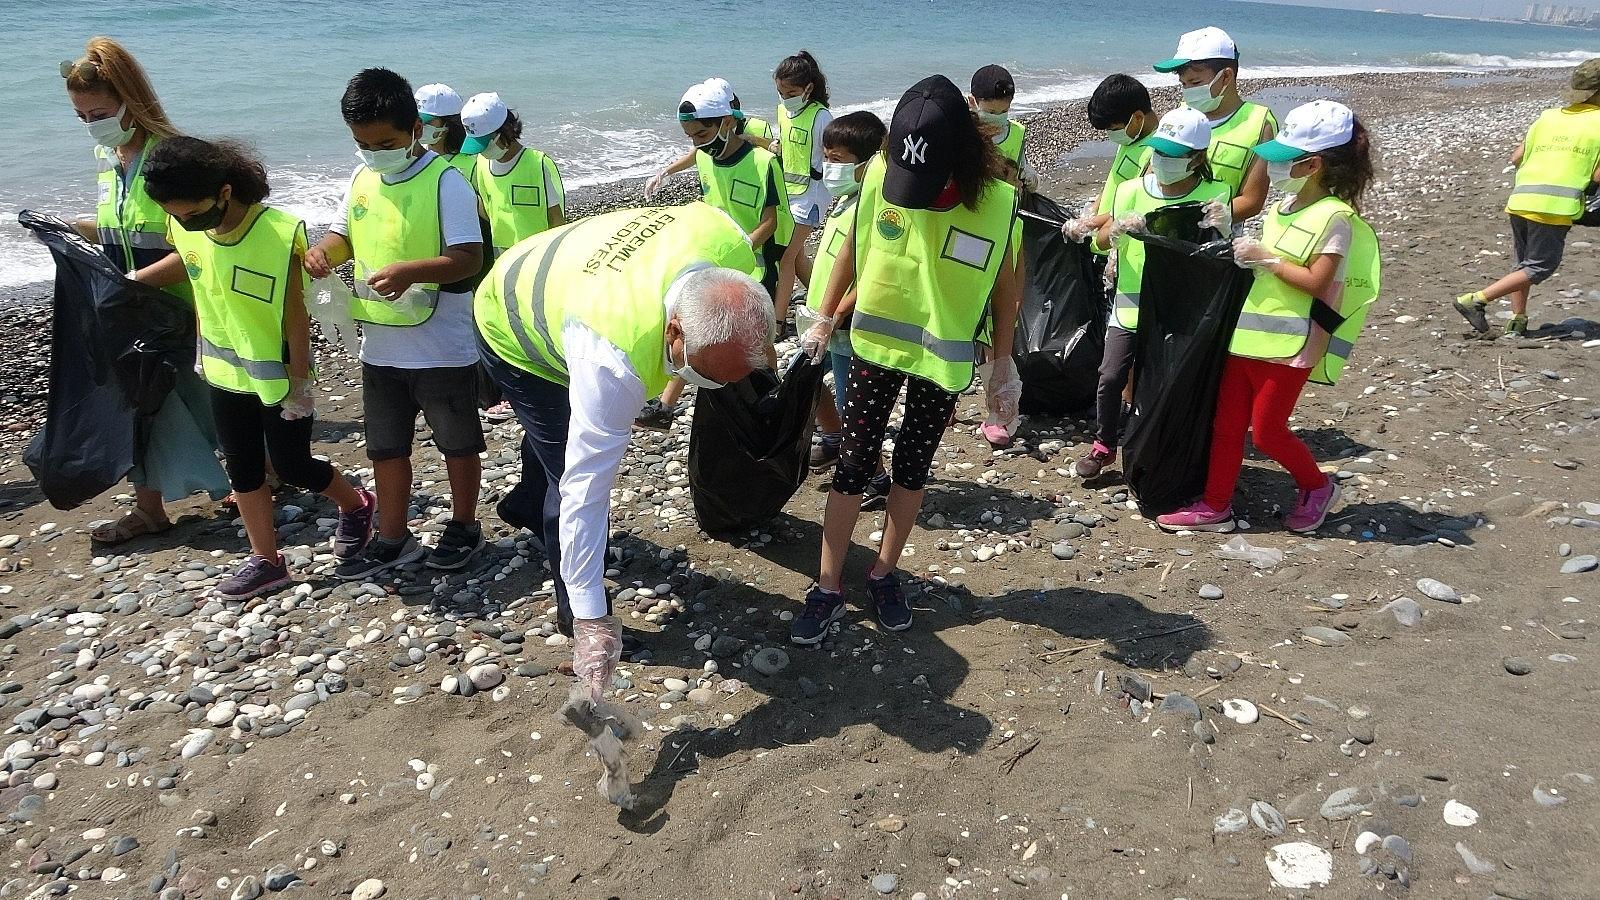 2021/06/mersinde-deniz-kaplumbagalari-ureme-alaninda-sahil-temizligi-20210610AW34-3.jpg